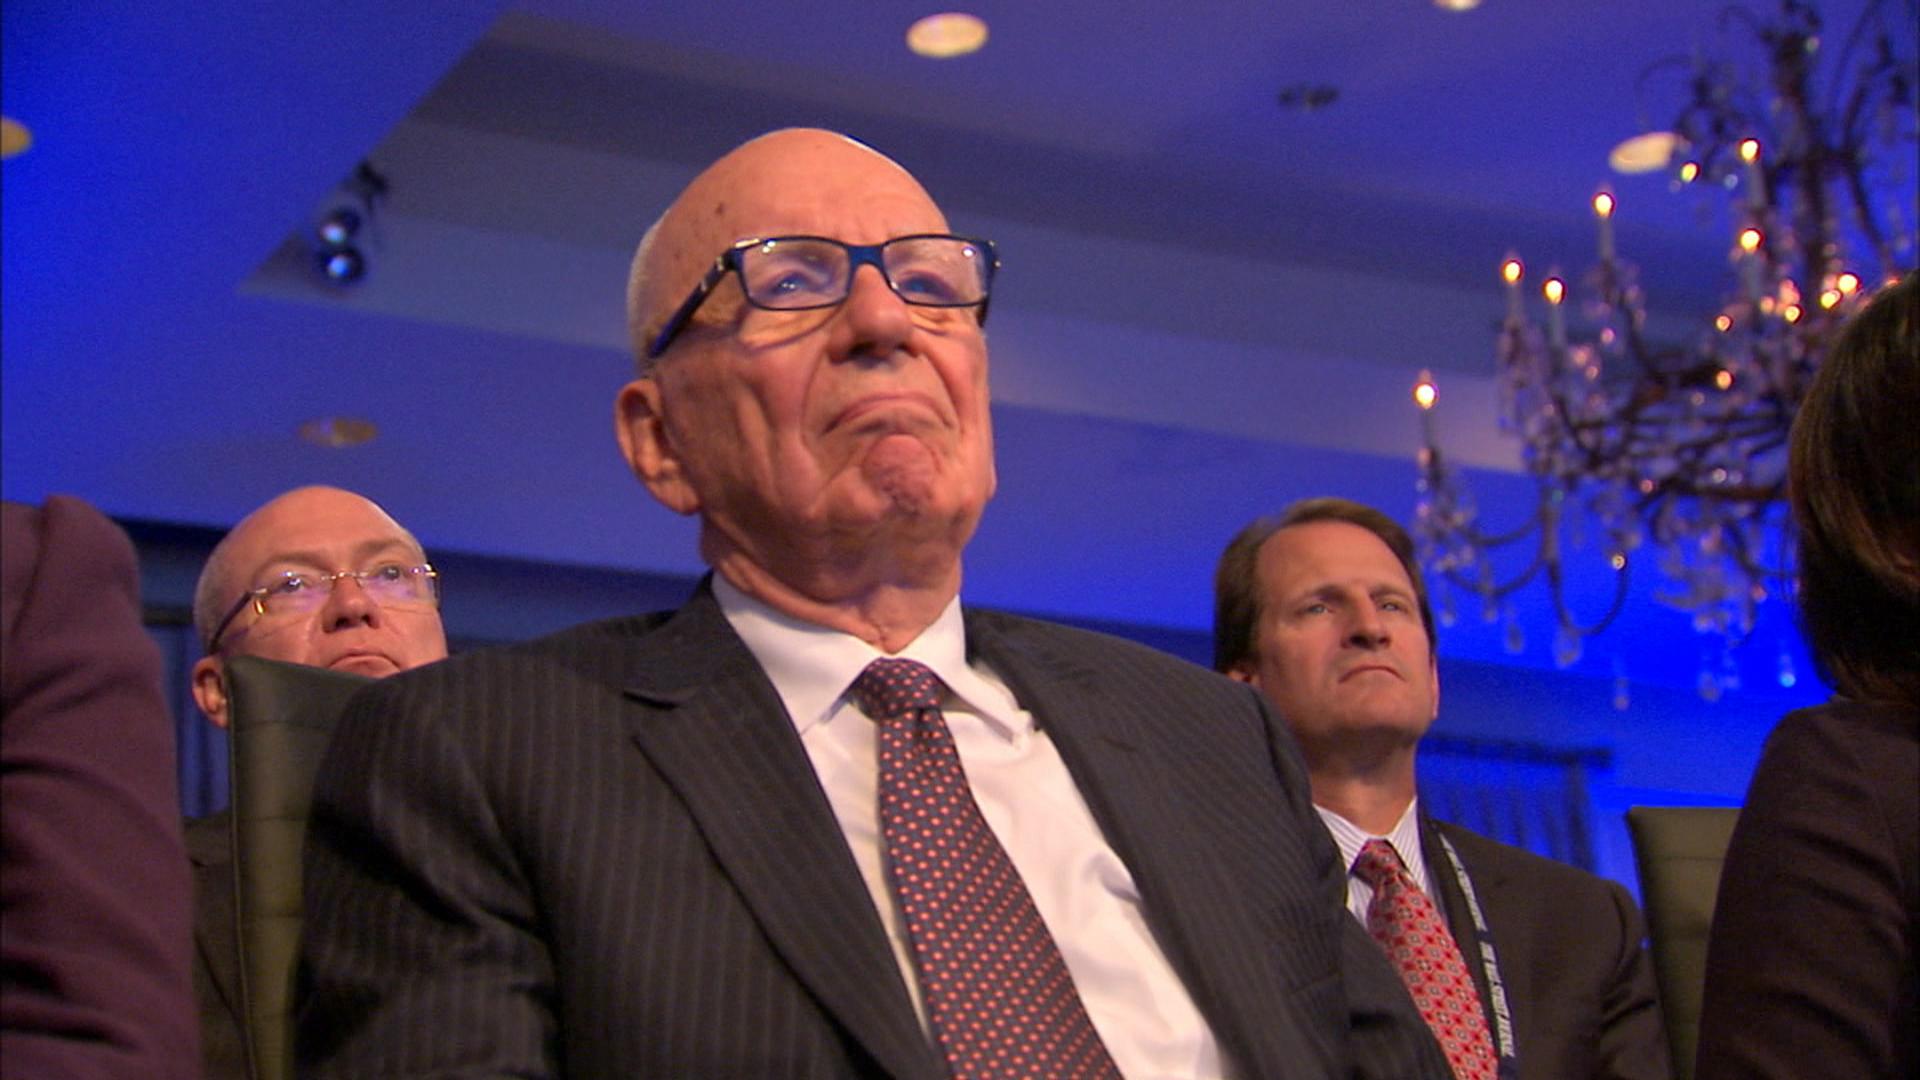 Rupert Murdoch created a monster